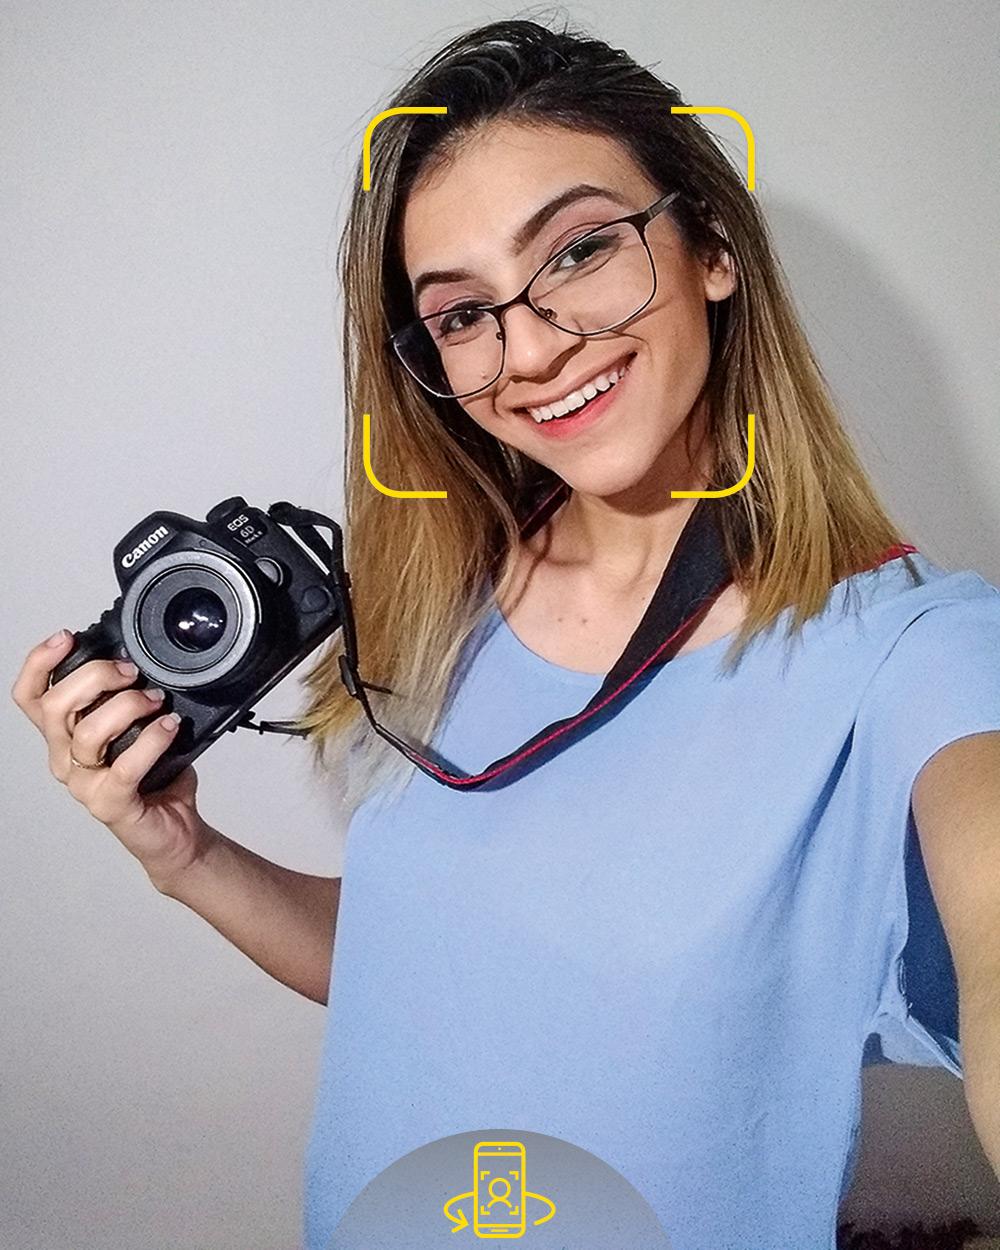 LENTE- A fotógrafa: movimento com orientação psicológica e consultoria jurídica